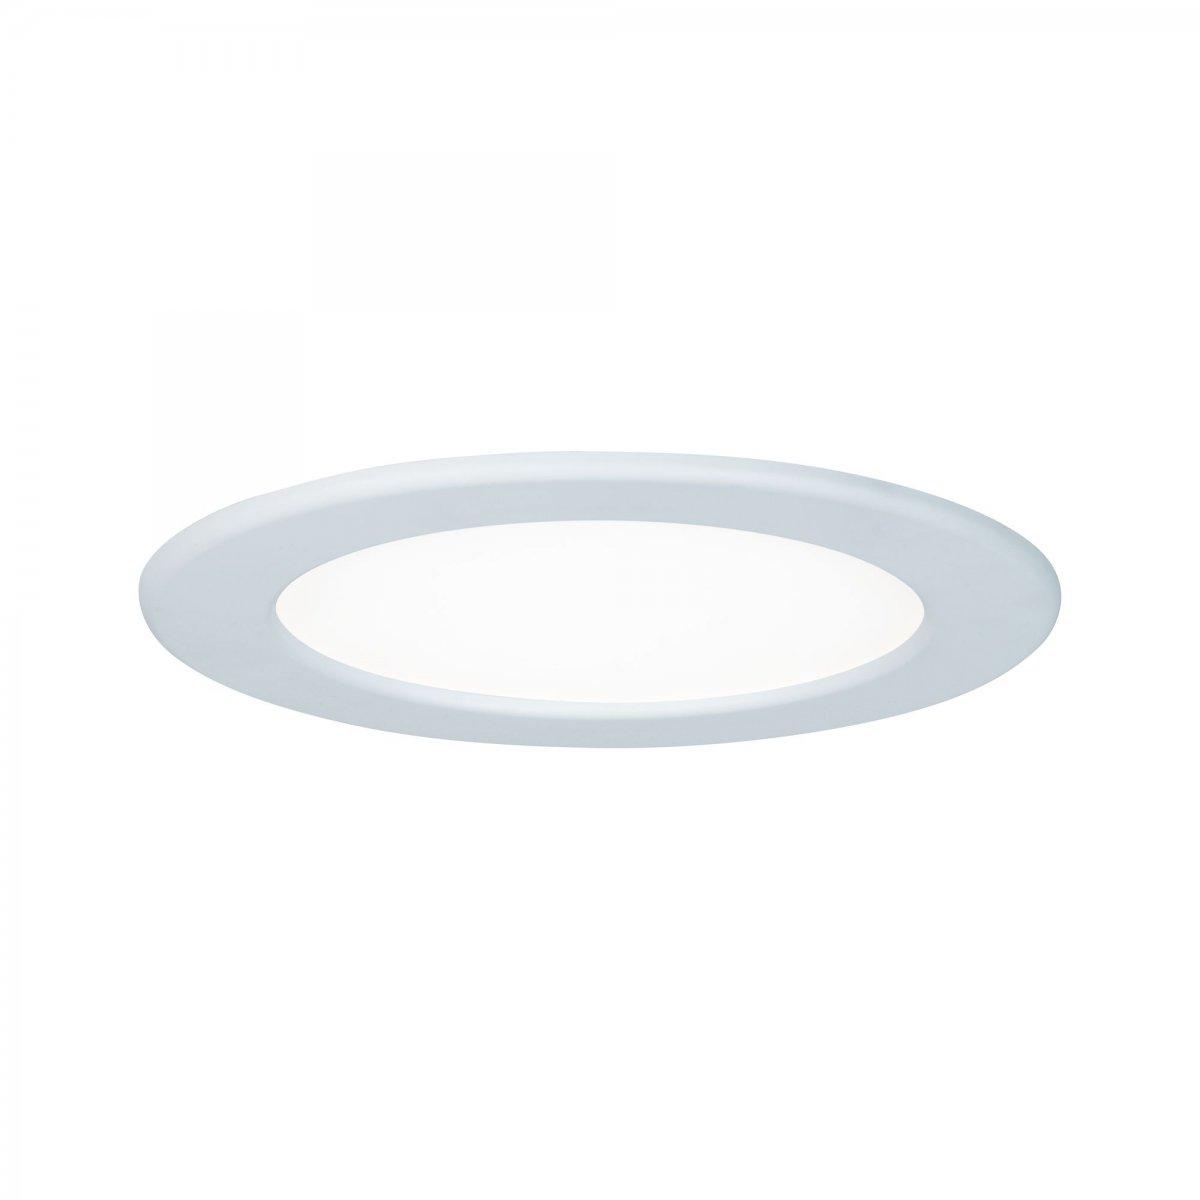 12 W Kunststoff Paulmann Leuchten Paulmann 92077 Einbaupanel eckig Deckenleuchte 12W Licht 4000K Neutralwei/ß LED Panel Chrom matt IP44 spritzwassergesch/ützt inklusive Leuchtmittel Einbauleuchte